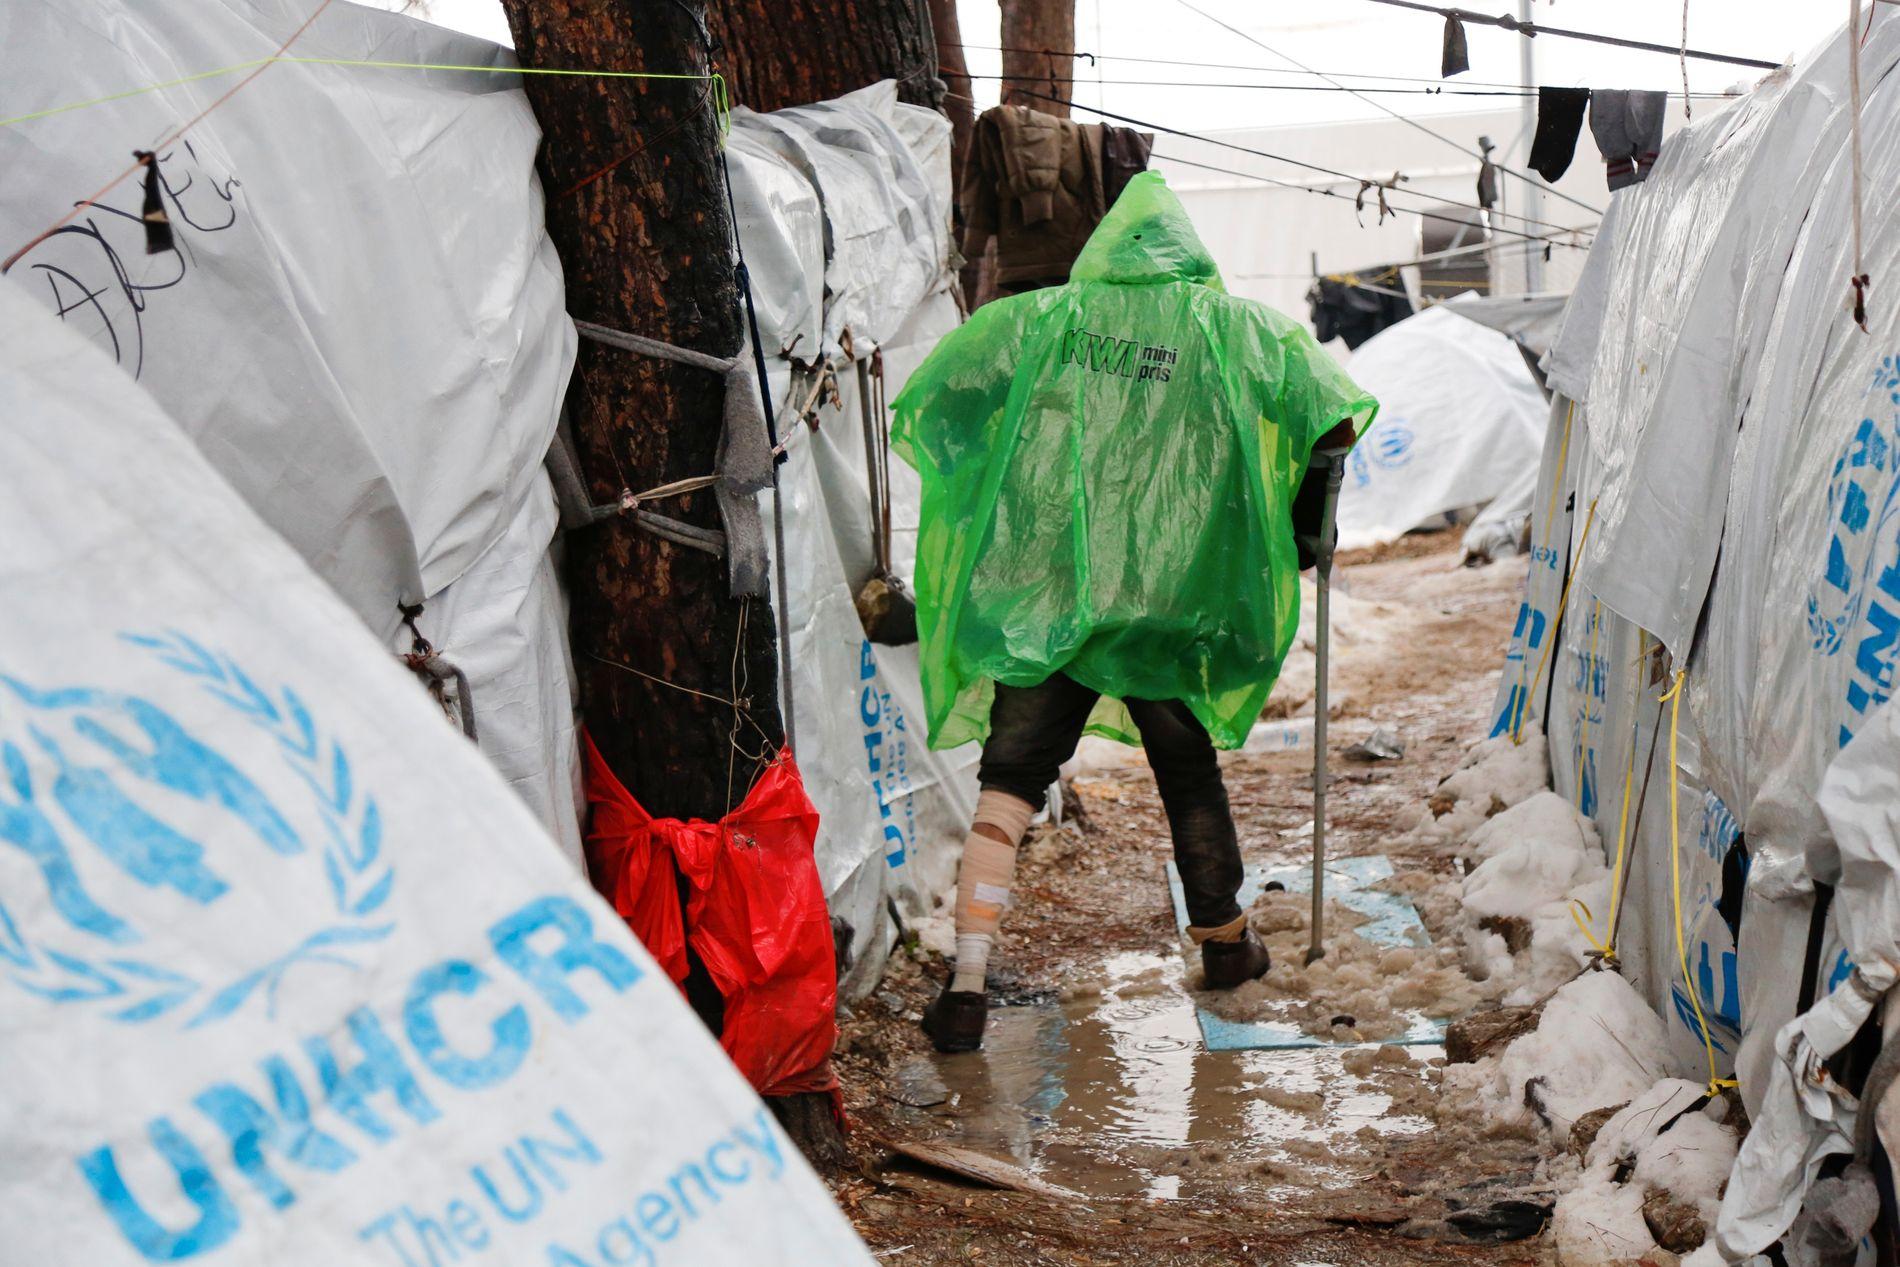 NORSK REGNDRAKT: Snø og regn har skapt store vanndammer inne i Moria. Her hopper en flyktning over en sølepytt ikledd regnponcho fra den norske dagligvarekjeden Kiwi.